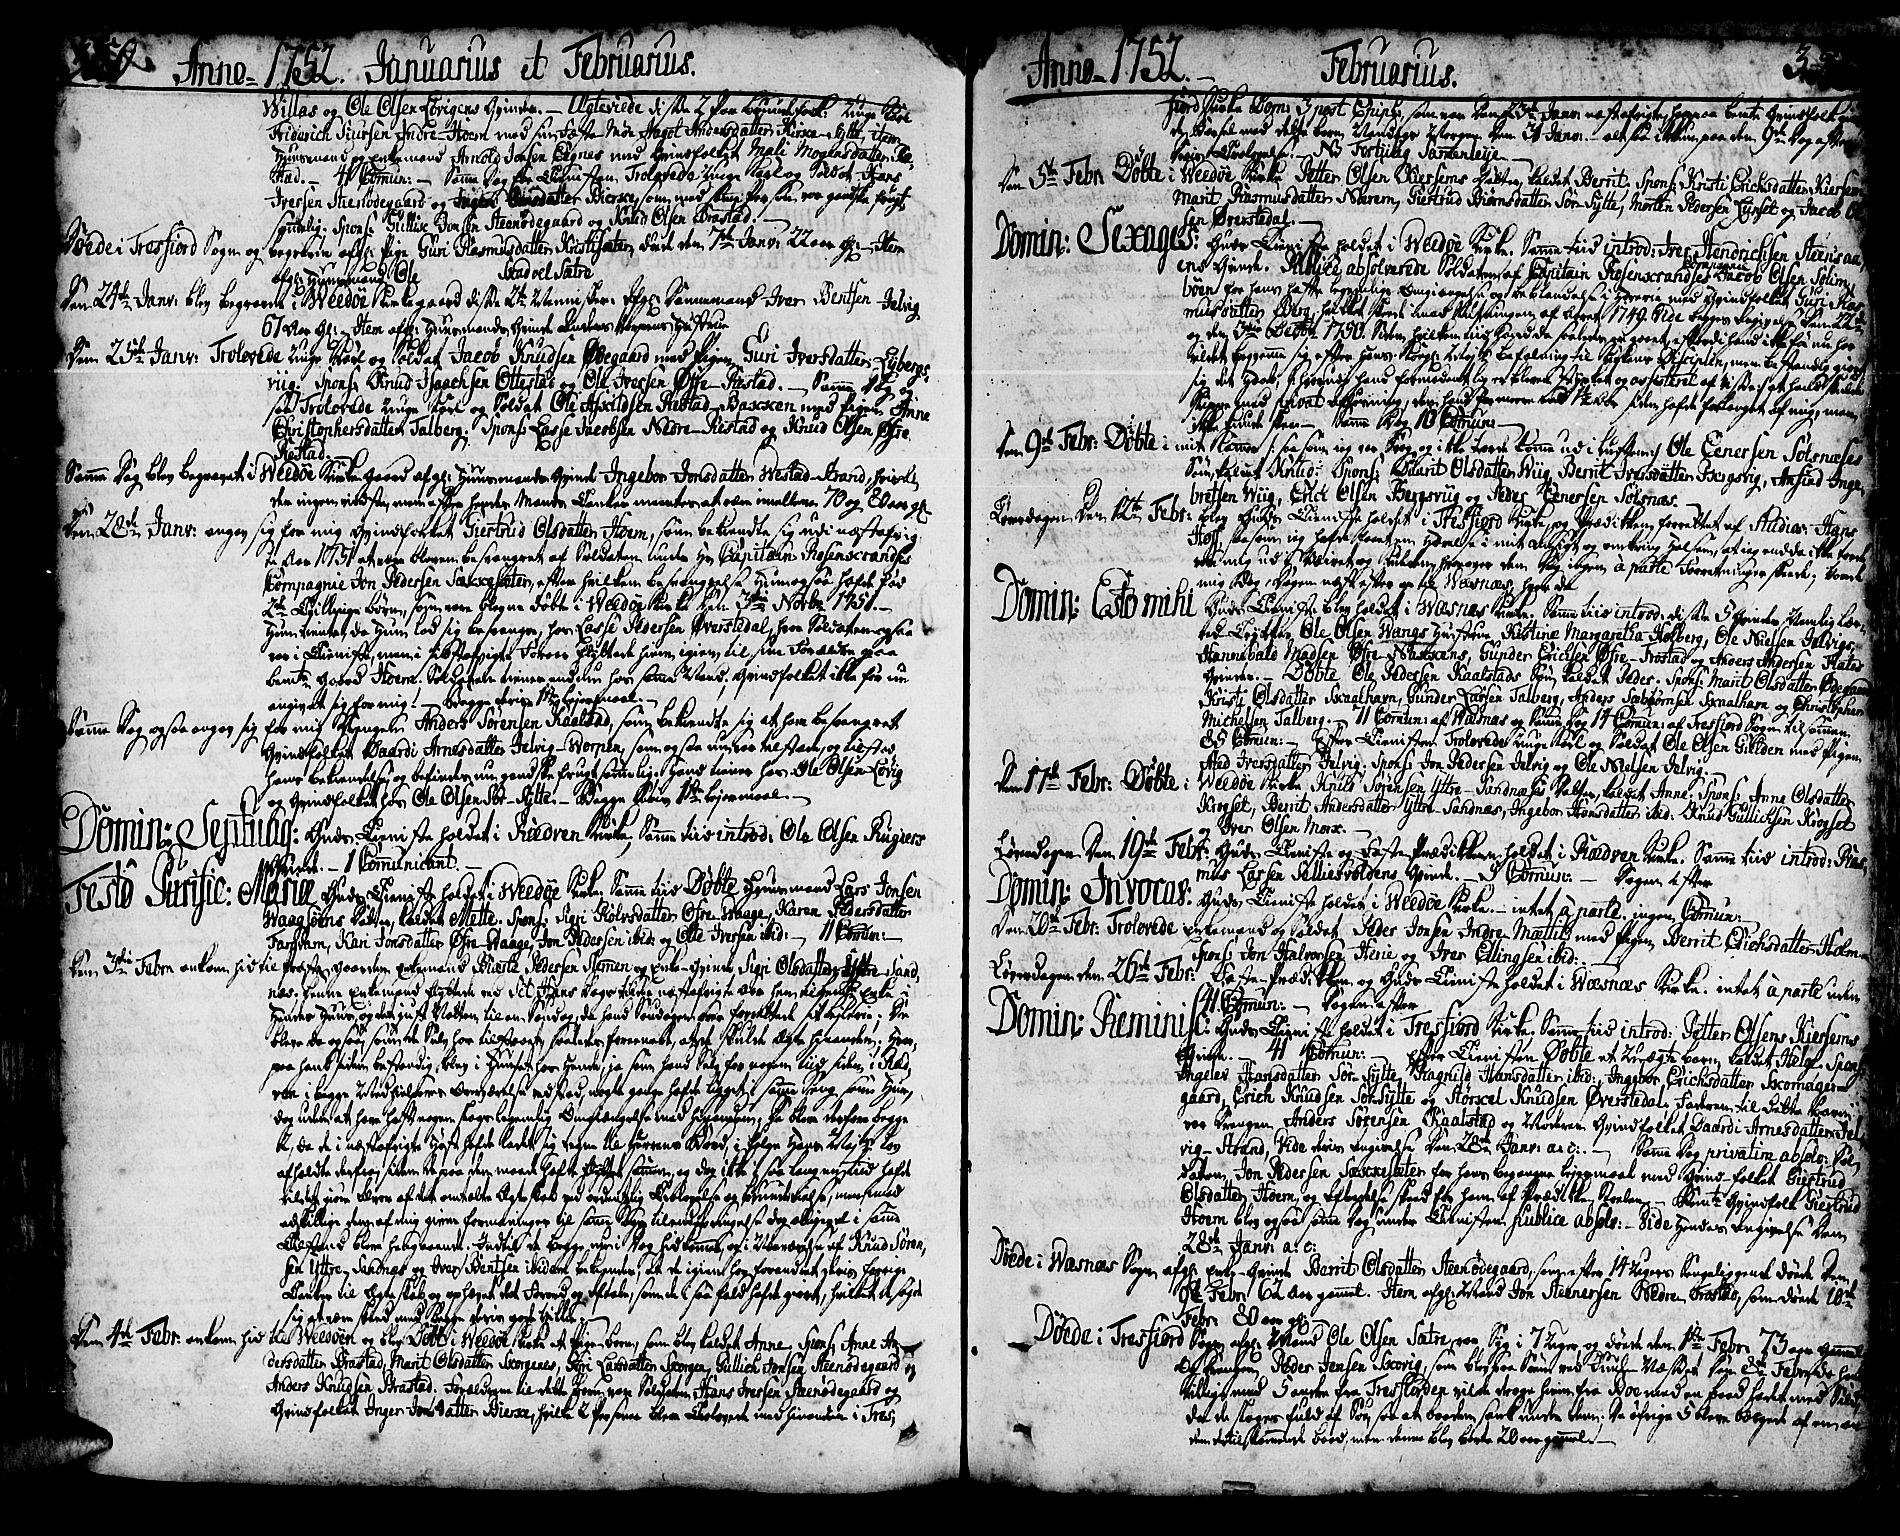 SAT, Ministerialprotokoller, klokkerbøker og fødselsregistre - Møre og Romsdal, 547/L0599: Ministerialbok nr. 547A01, 1721-1764, s. 350-351